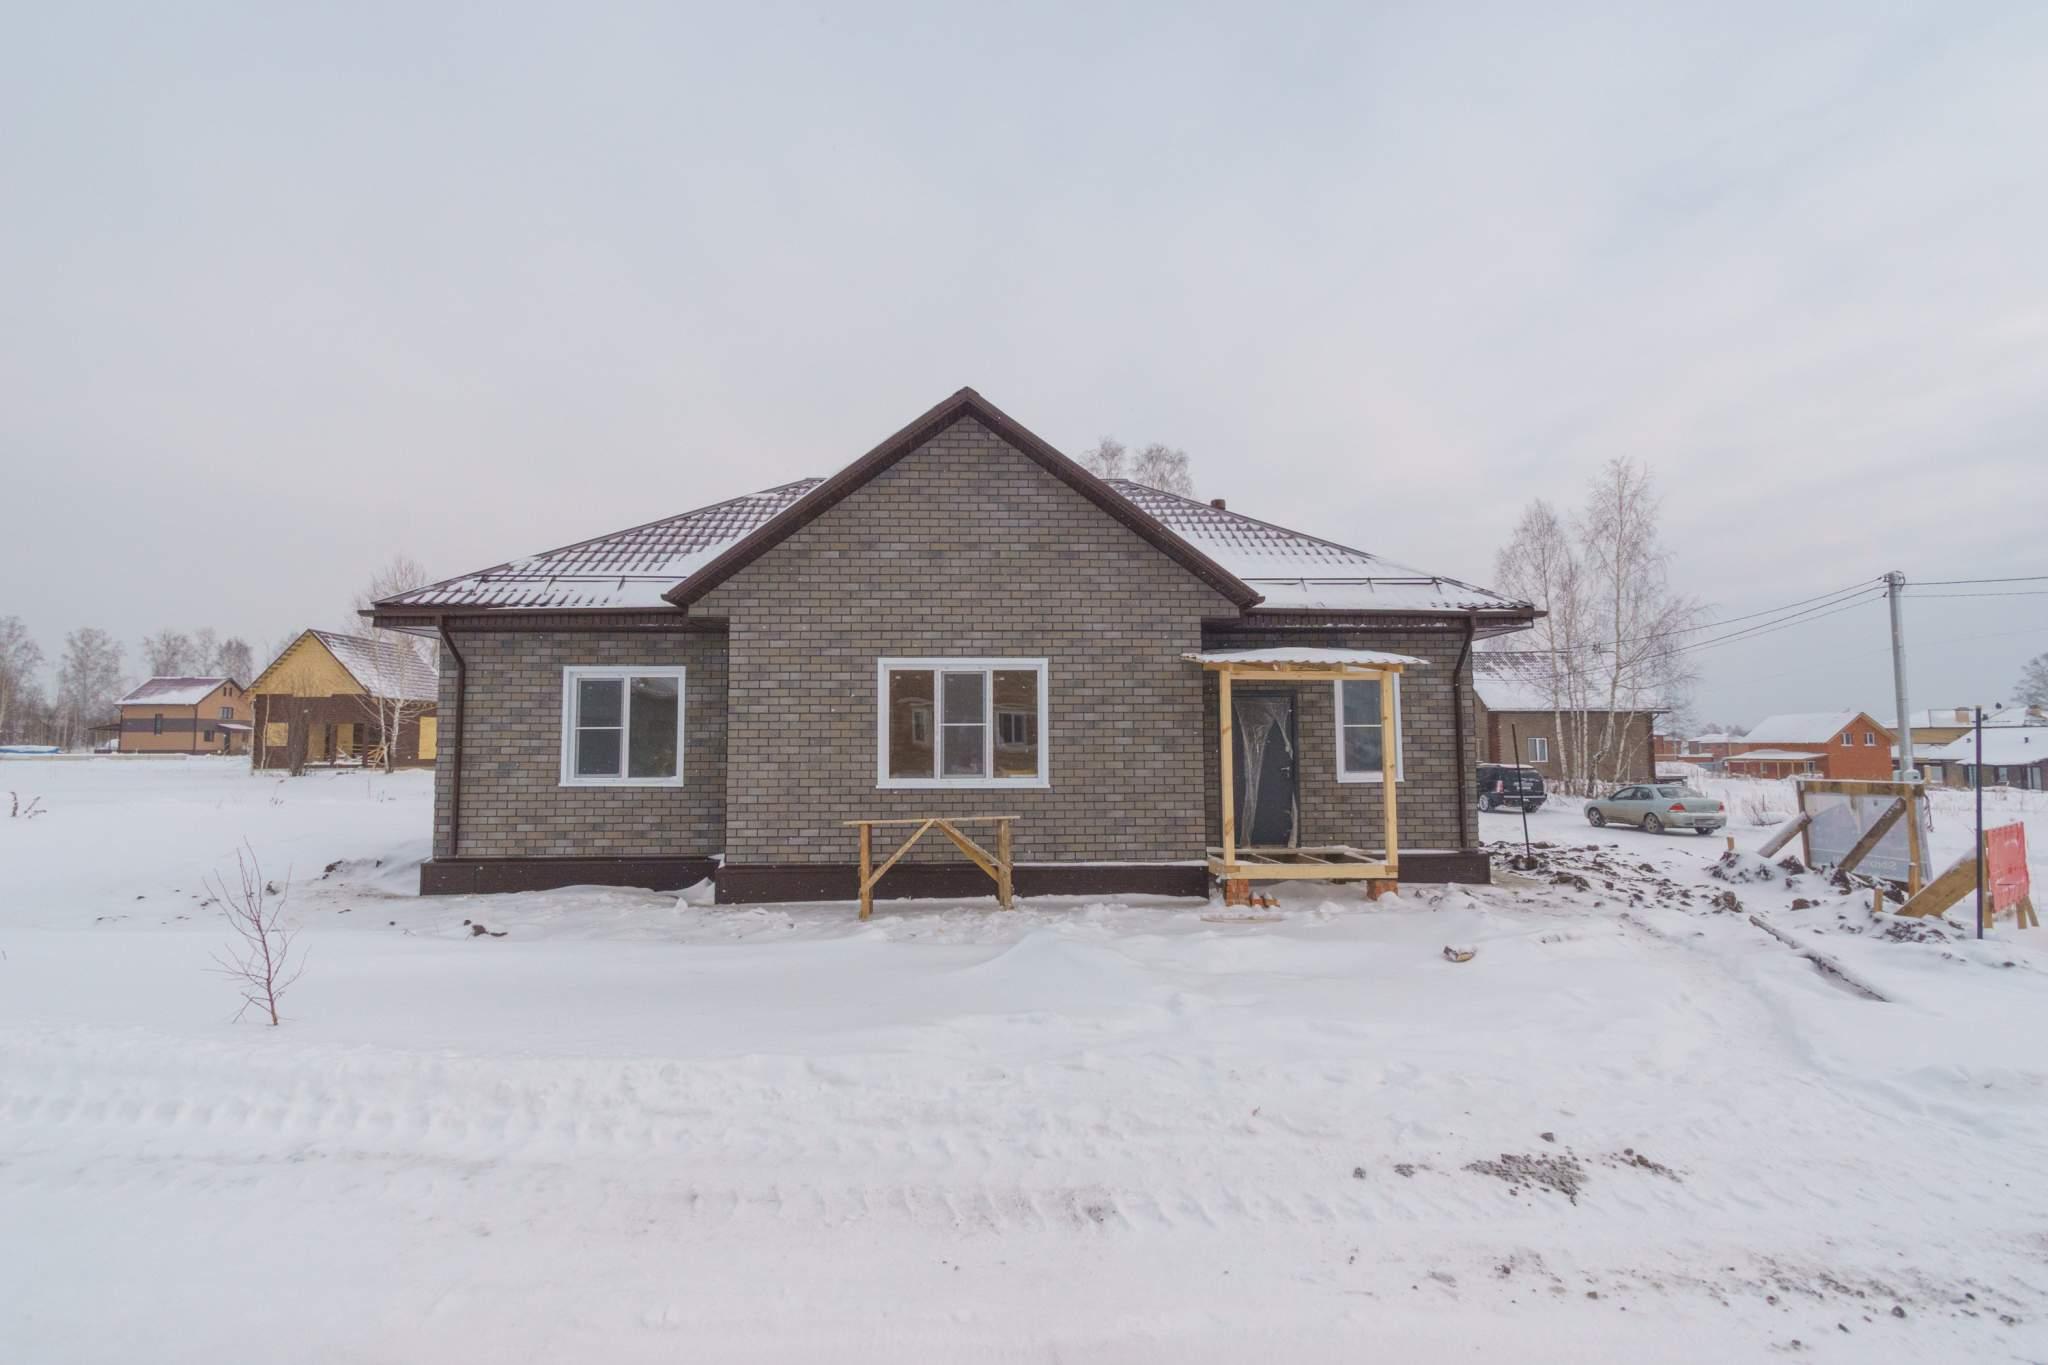 Дом на продажу по адресу Россия, Новосибирская обл, Новосибирский р-н, Новосибирский район, Близкий микрорайон